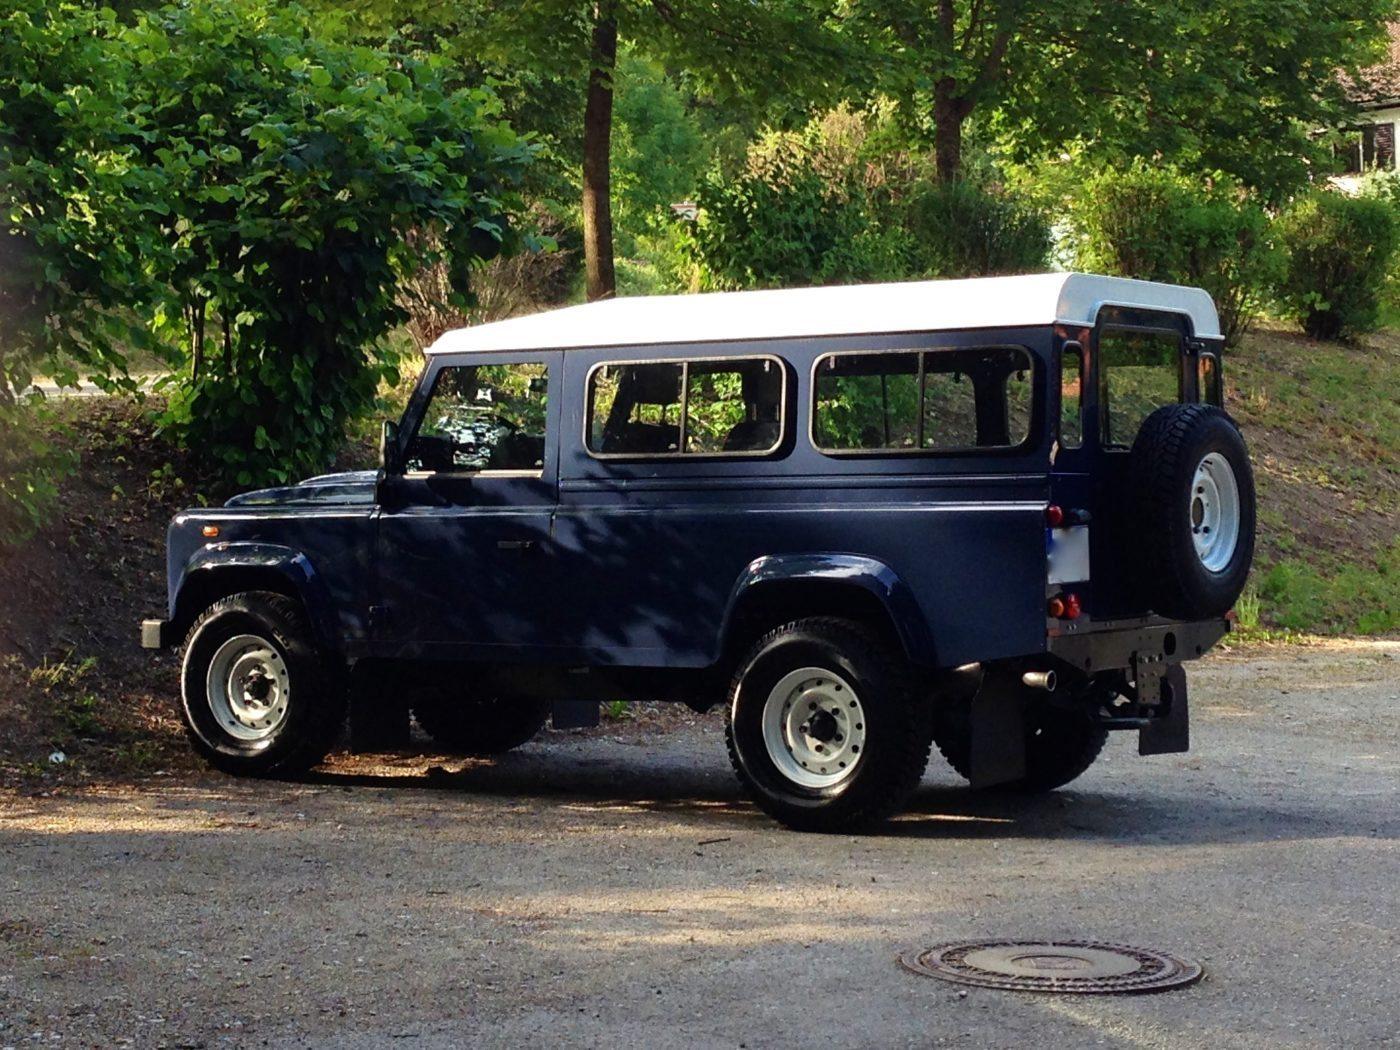 Die Basis für unser Reisemobil: der Land Rover Defender TD4 110 HT